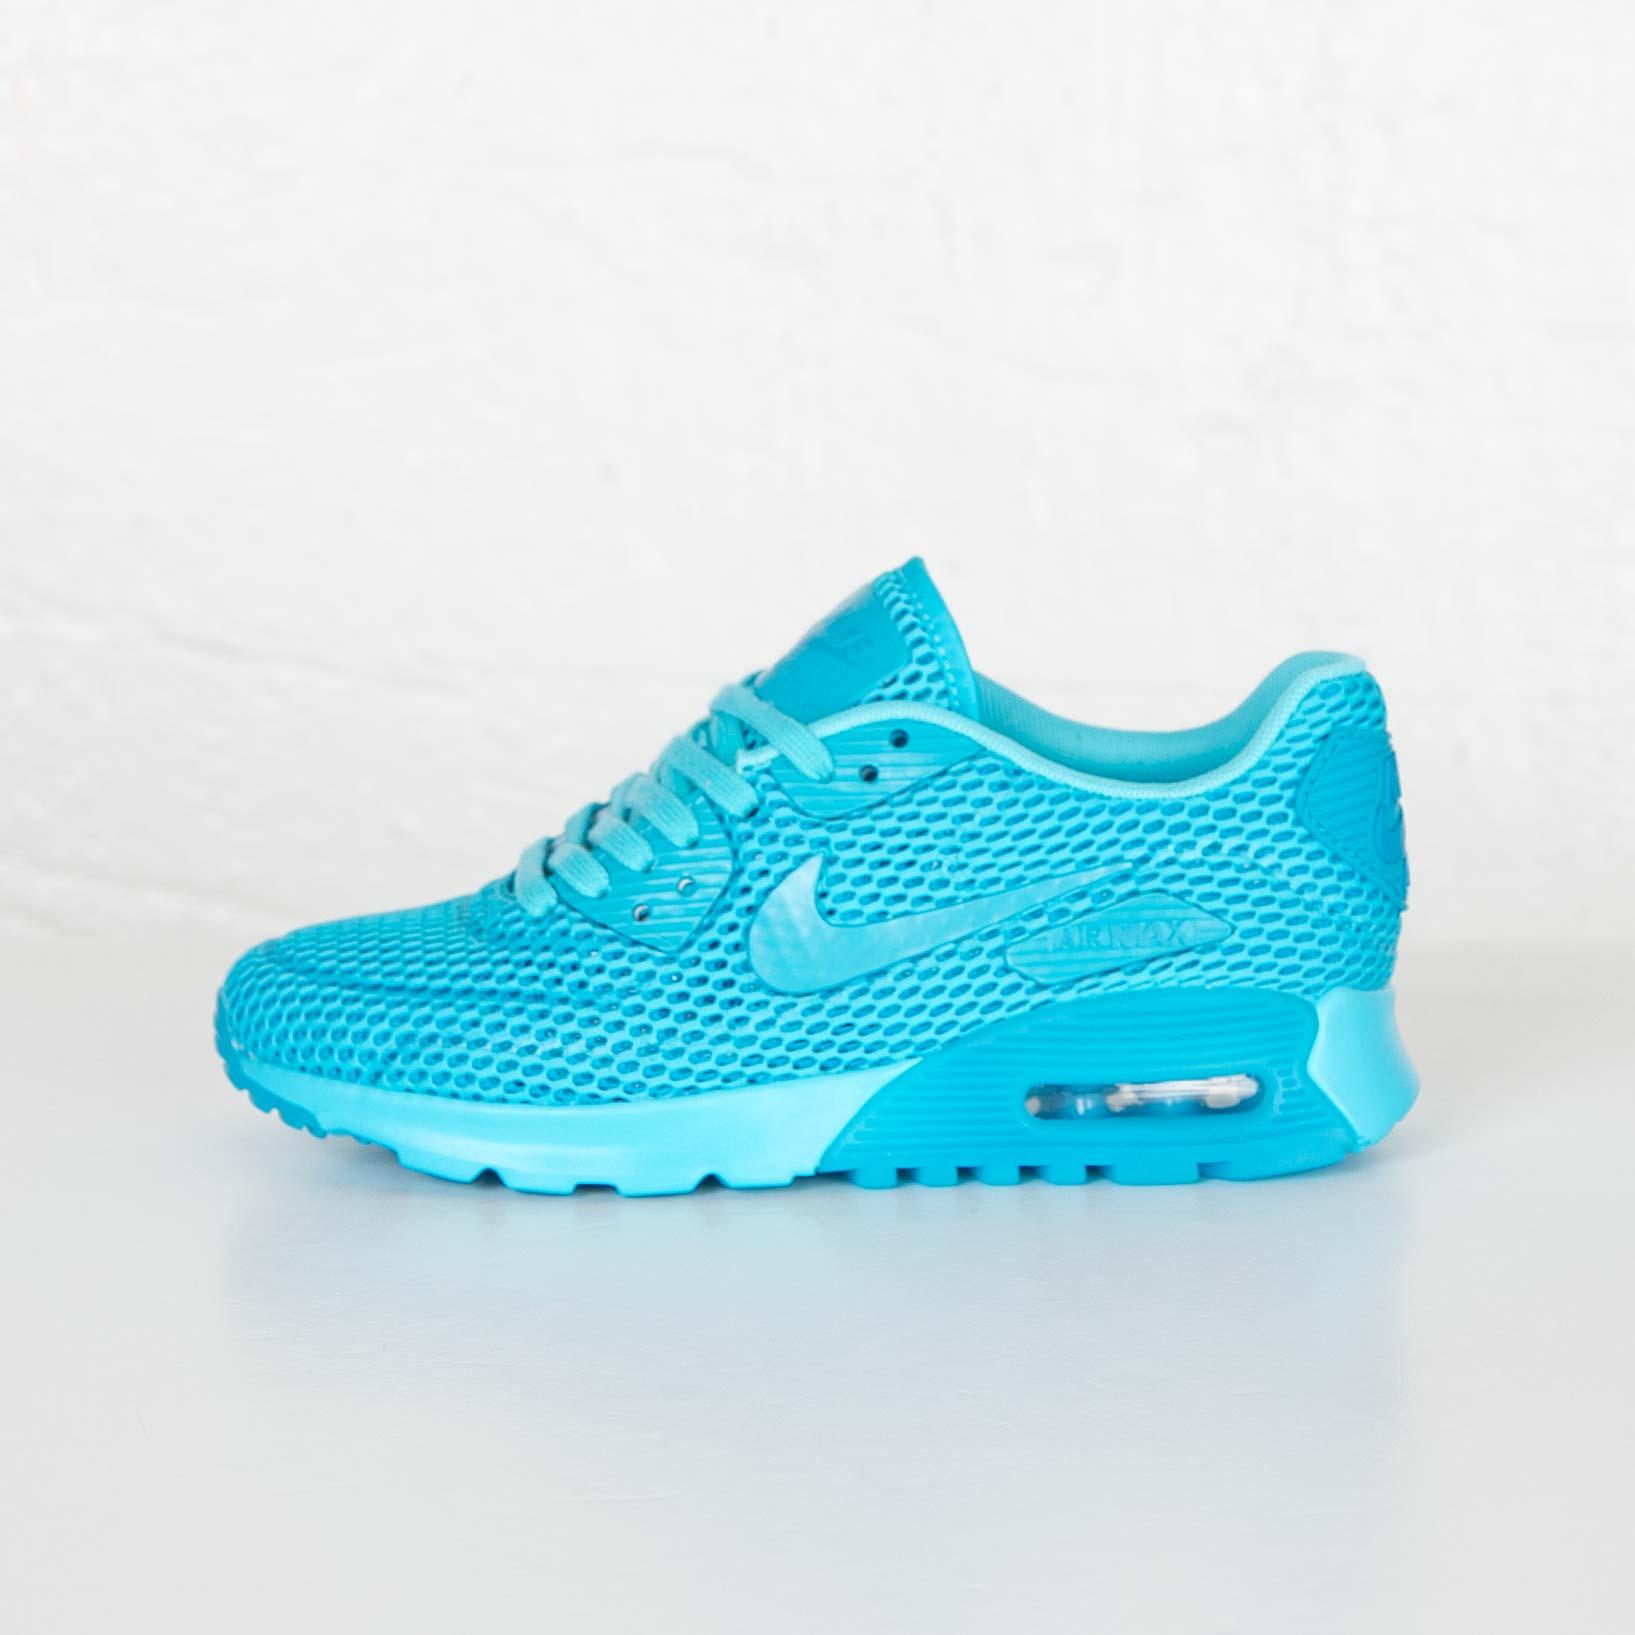 hot sales d5b5b 6ee29 Nike W Air Max 90 Ultra BR - 725061-401 - Sneakersnstuff   sneakers    streetwear online since 1999